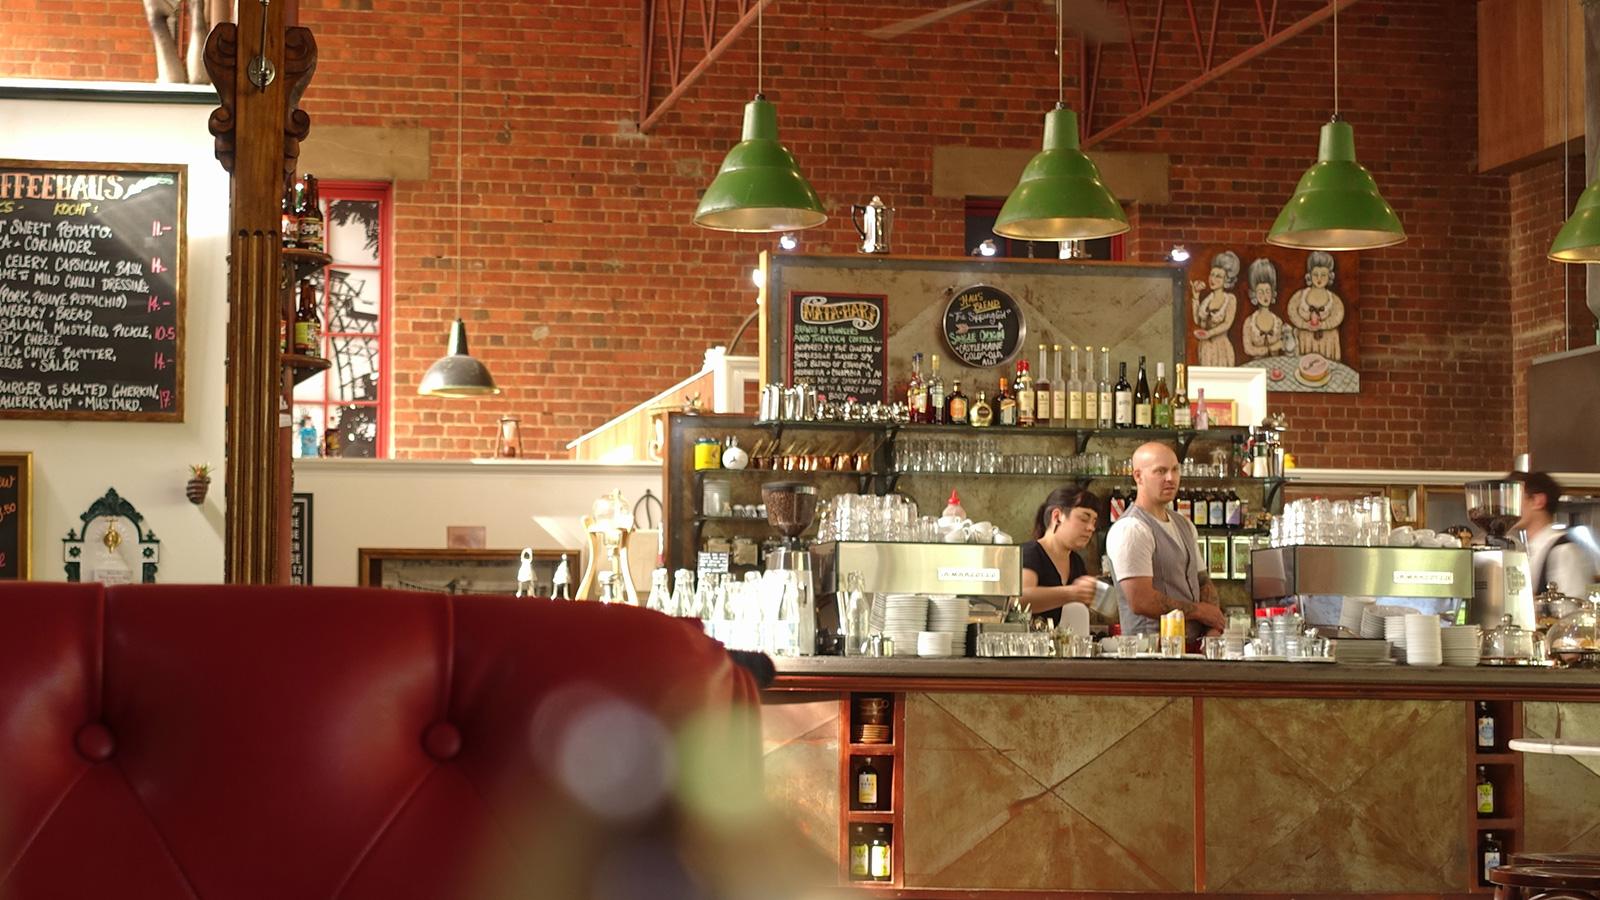 Das Kaffeehaus, Castlemaine, Goldfields, Victoria, Australia